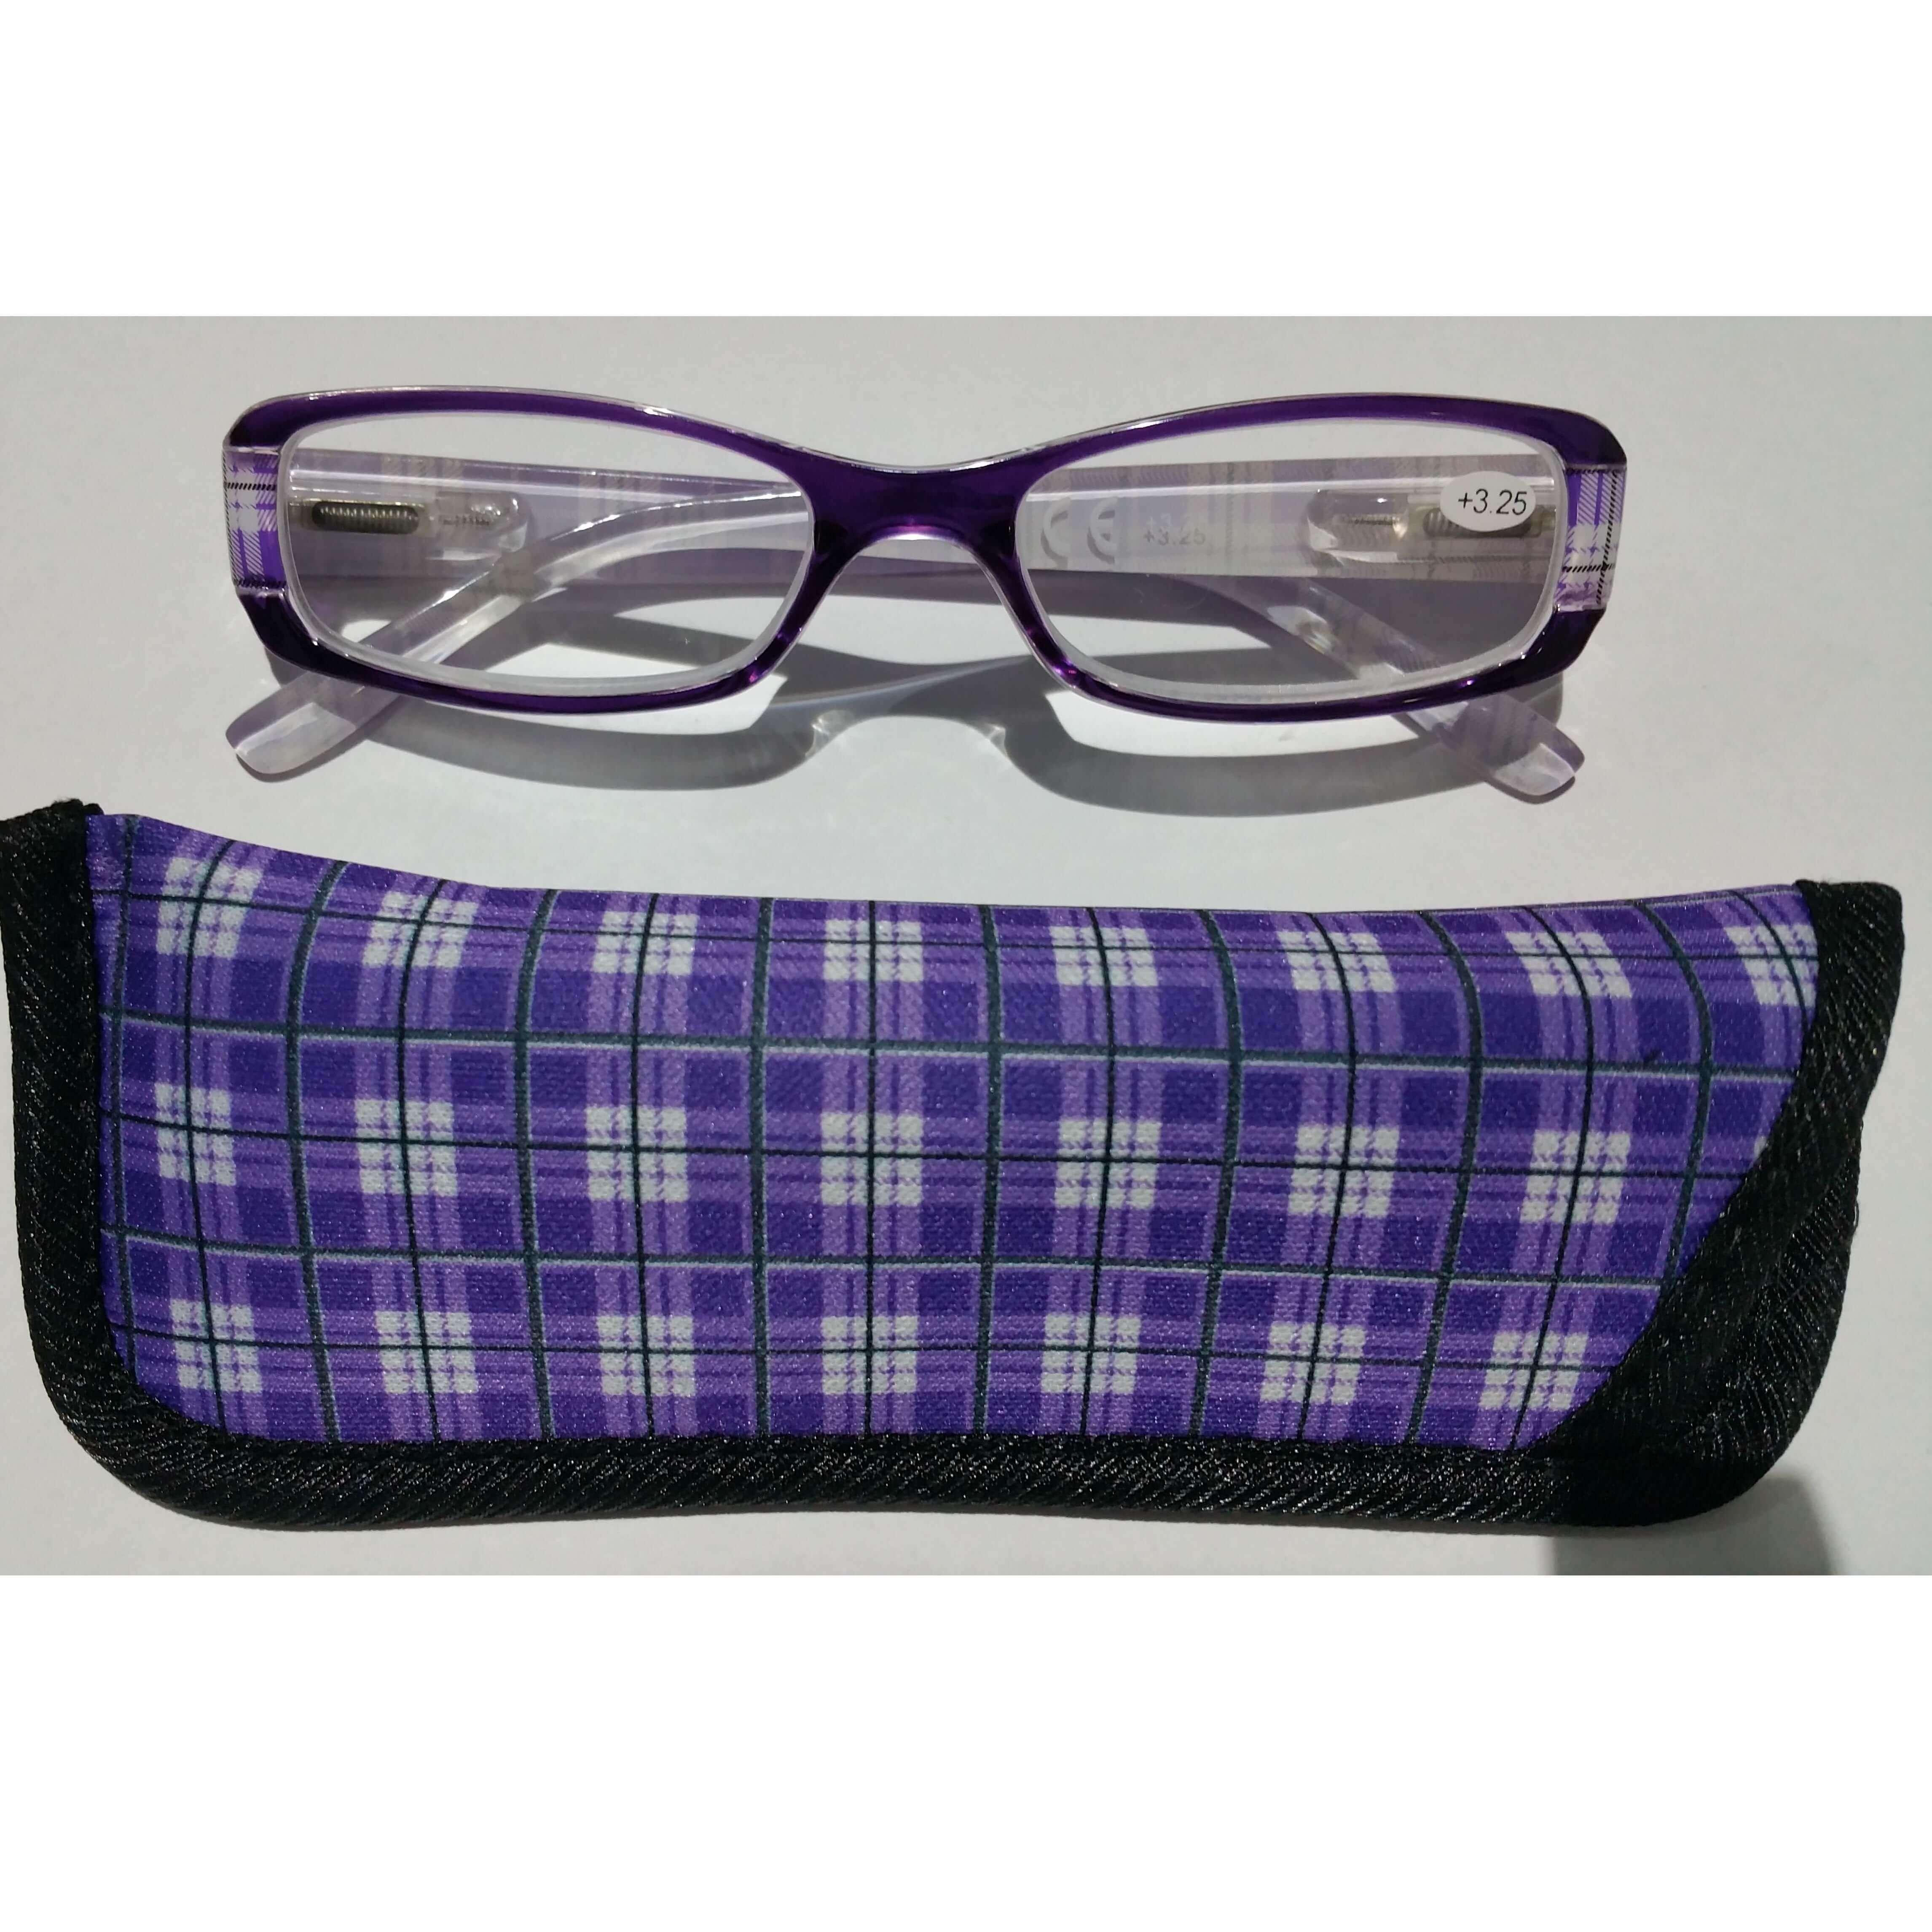 Γυαλιά Διαβάσματος Κοκκάλινα σε Μωβ Χρώμα με Ειδική Θήκη Φύλαξης – 4,00